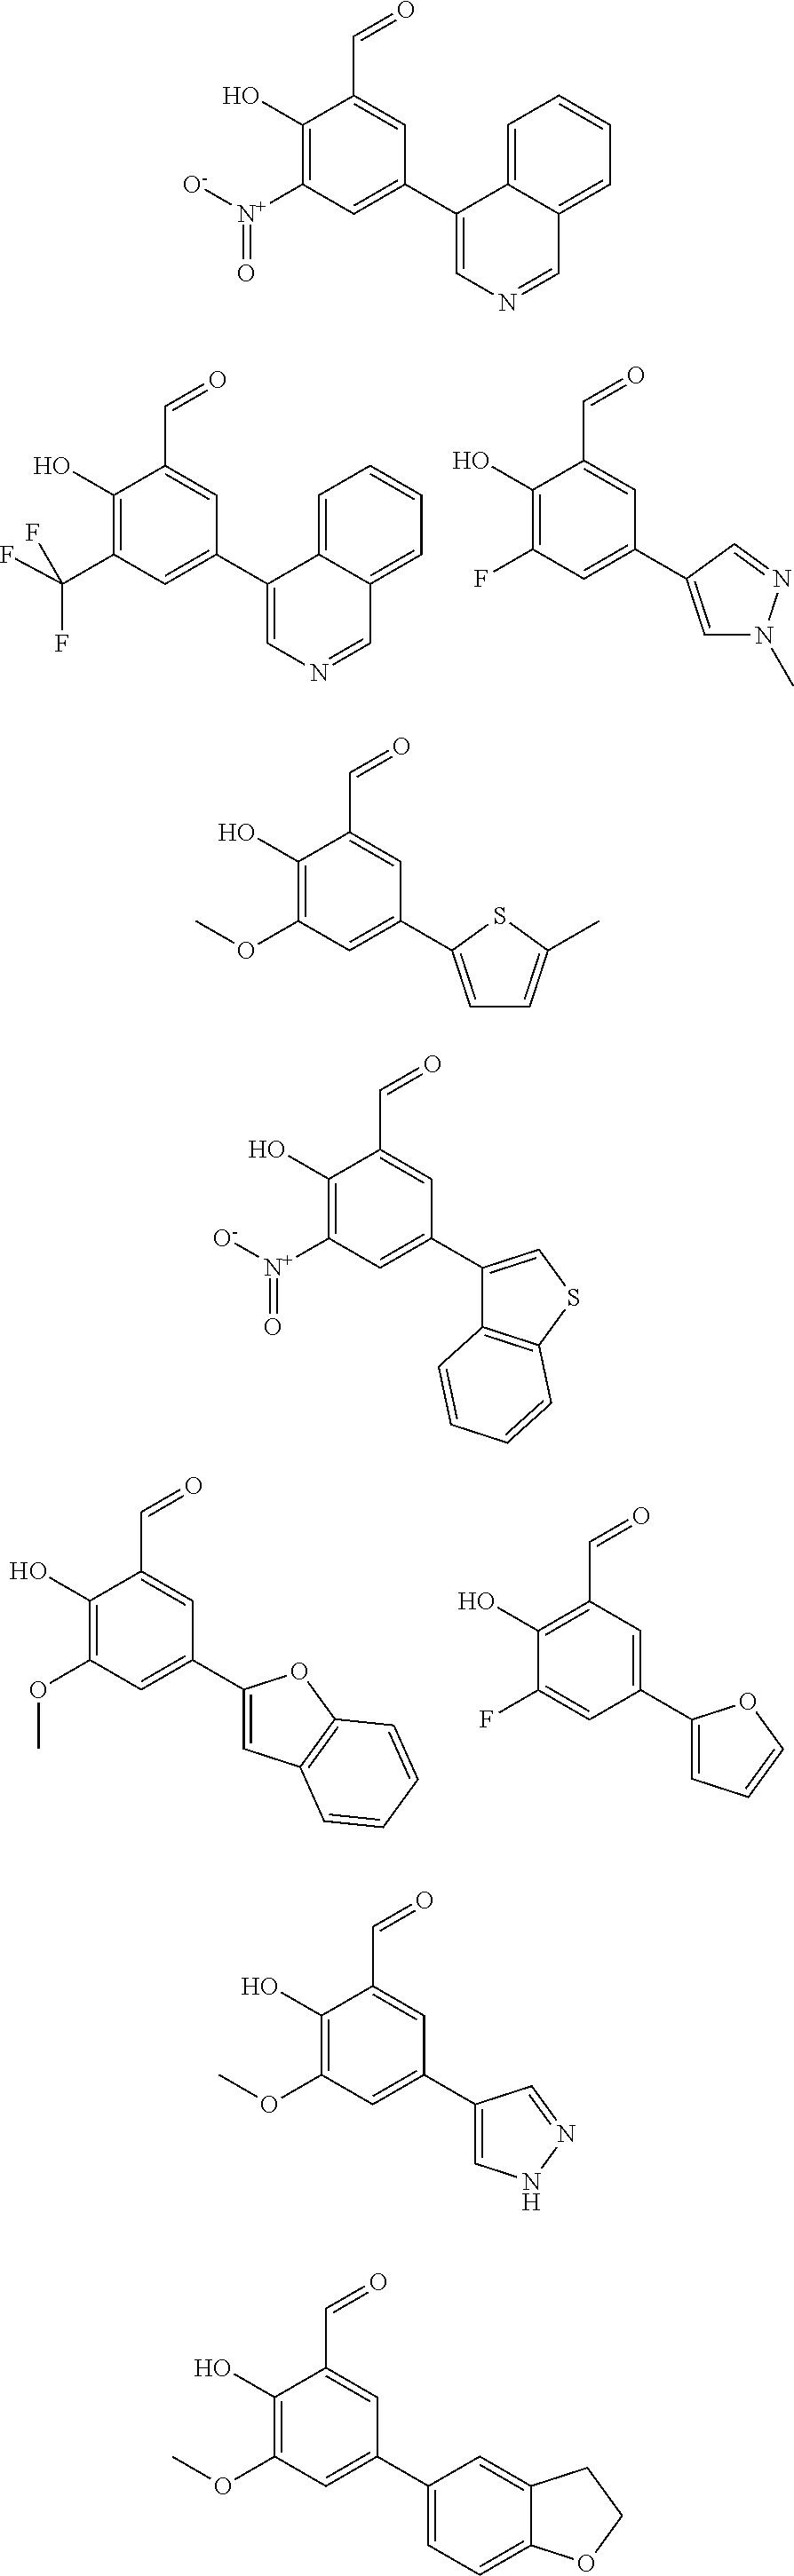 Figure US20110065162A1-20110317-C00108